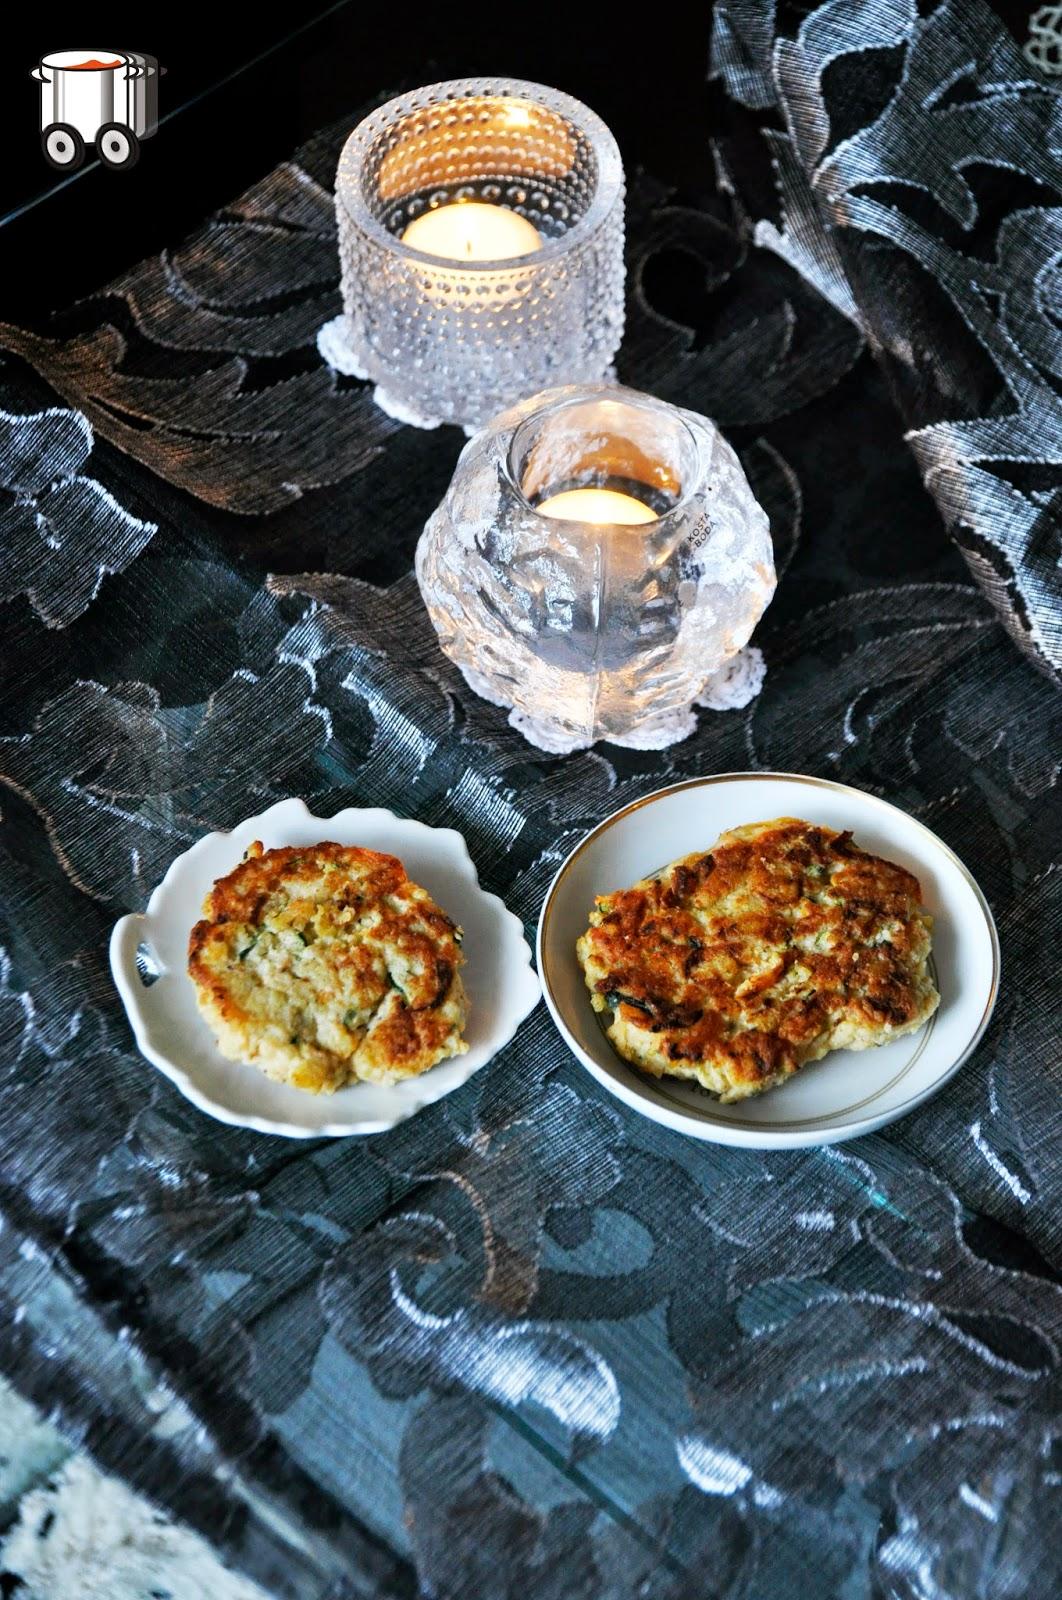 Szybko Tanio Smacznie - Kotleciki z łososia, kaszy jaglanej, cukinii i marchewki (bez glutenu, bez laktozy)